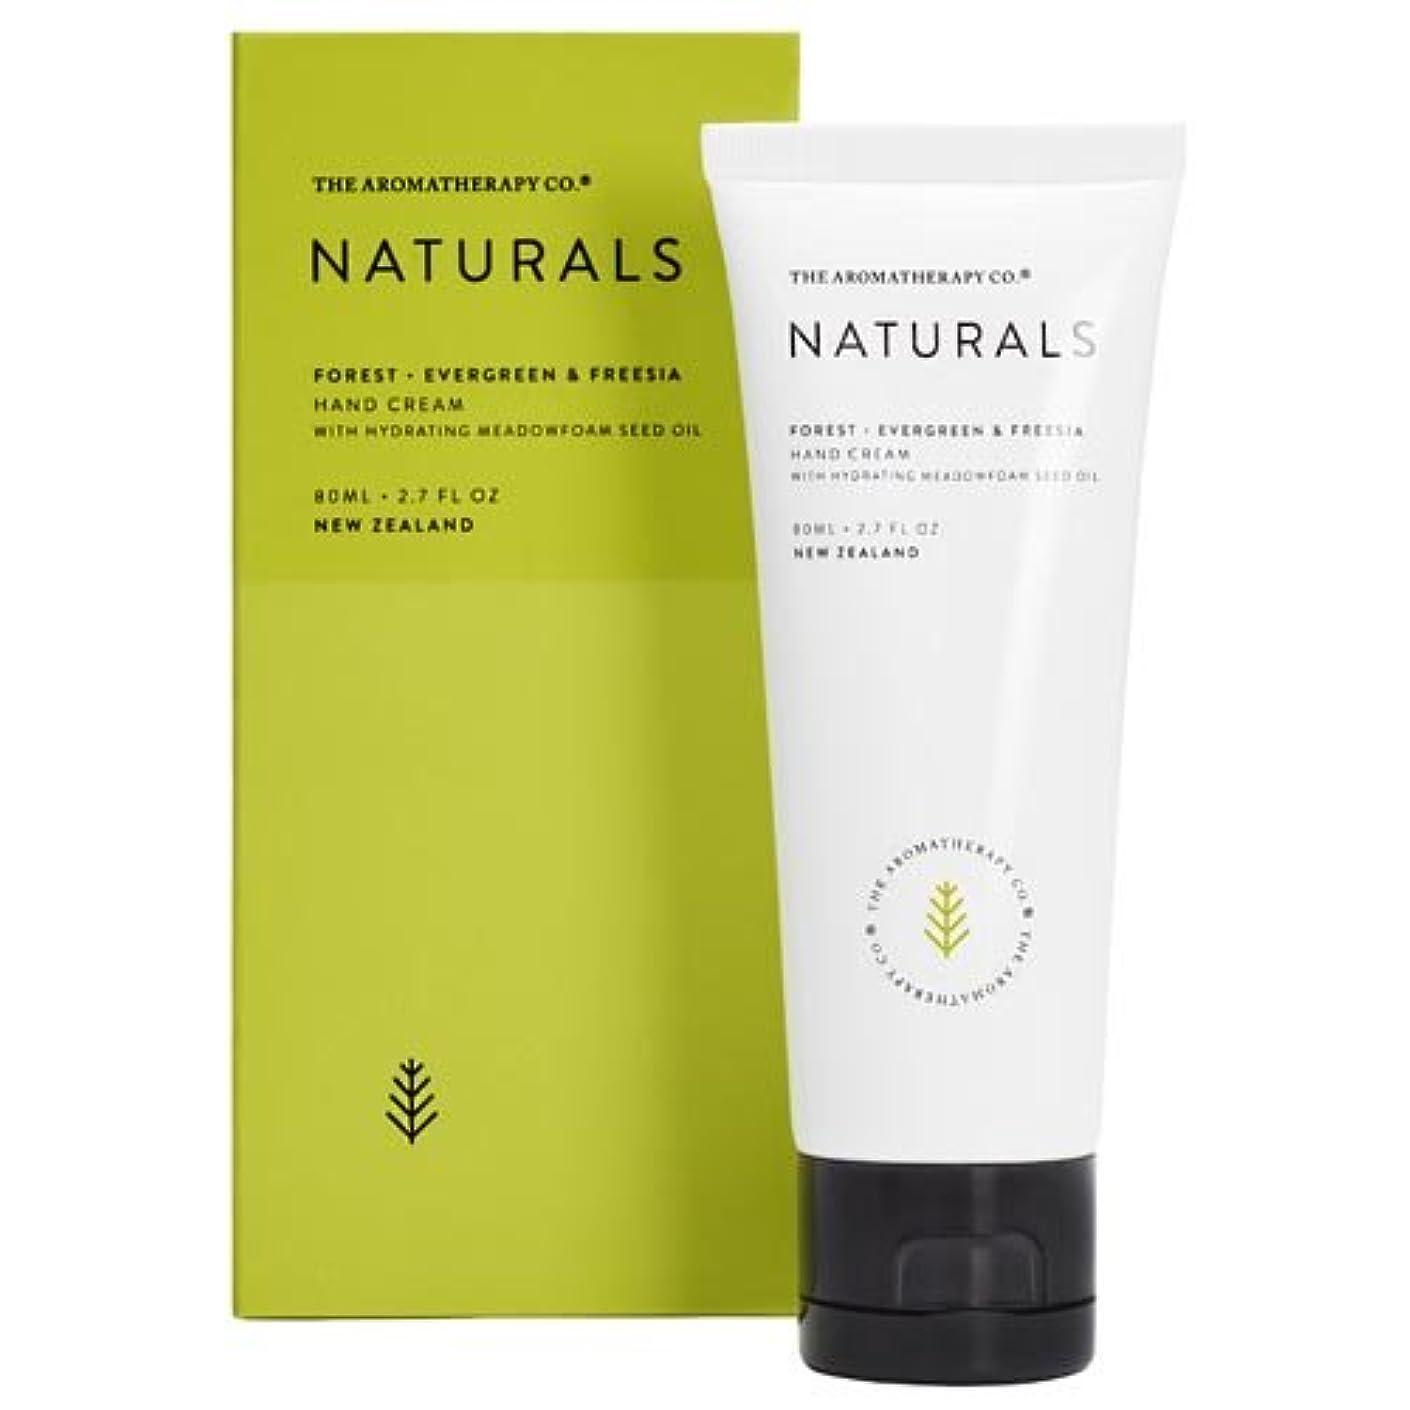 接尾辞普遍的な経済的new NATURALS ナチュラルズ Hand Cream ハンドクリーム Forest フォレスト(森林)Evergreen & Freesia エバーグリーン&フリージア